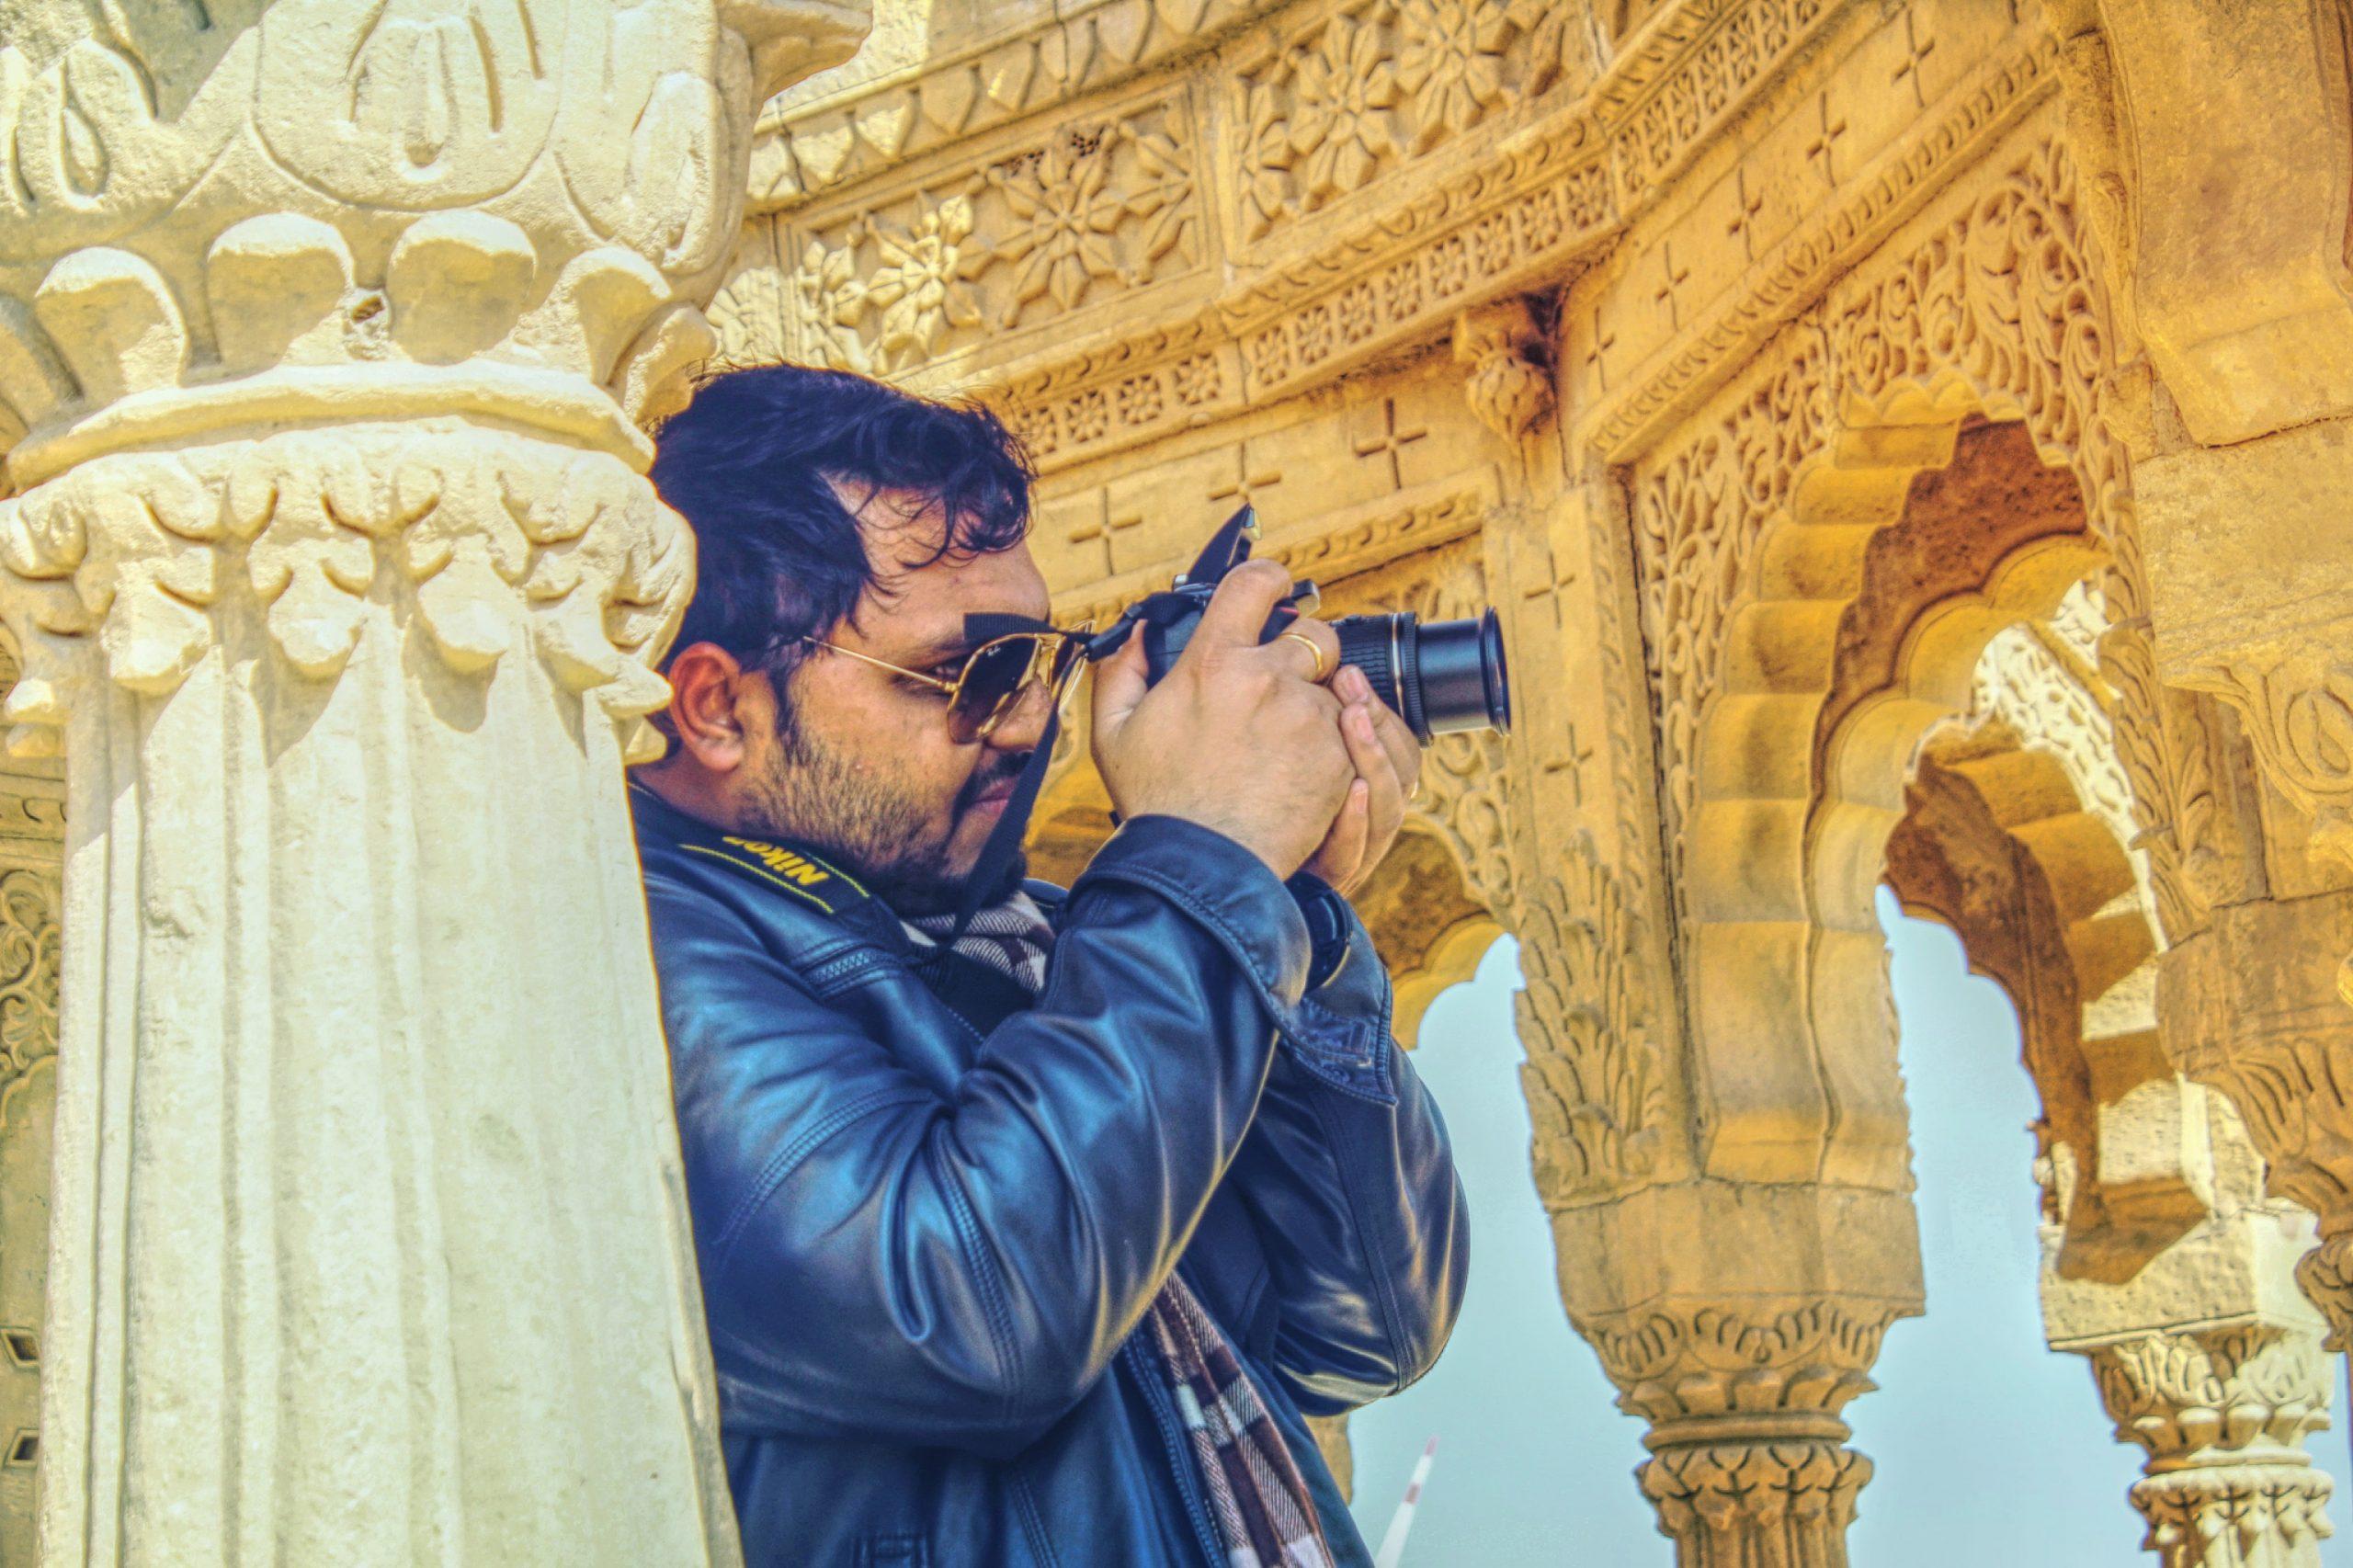 A photographer at Safdarjung tomb